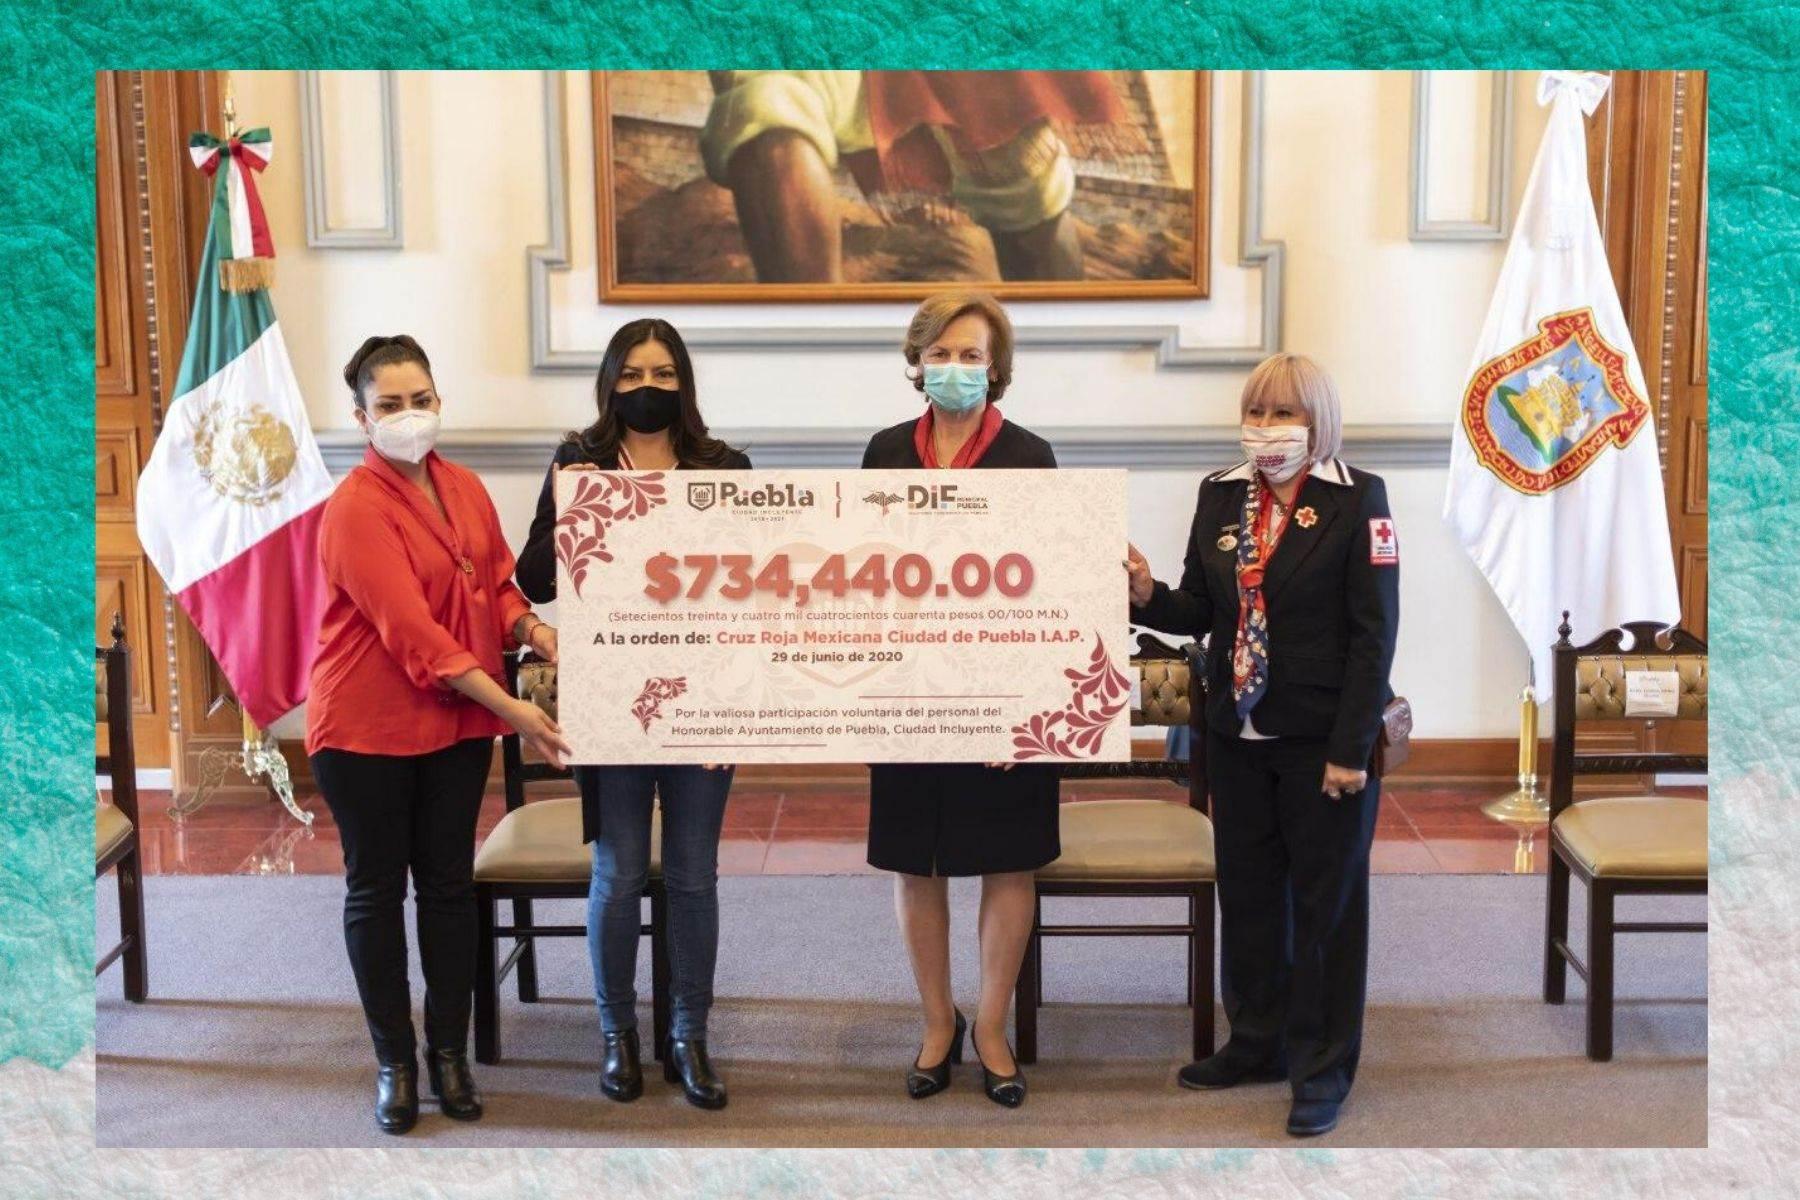 Gobierno capitalino dona más de 734 mil pesos a la Cruz Roja Mexicana